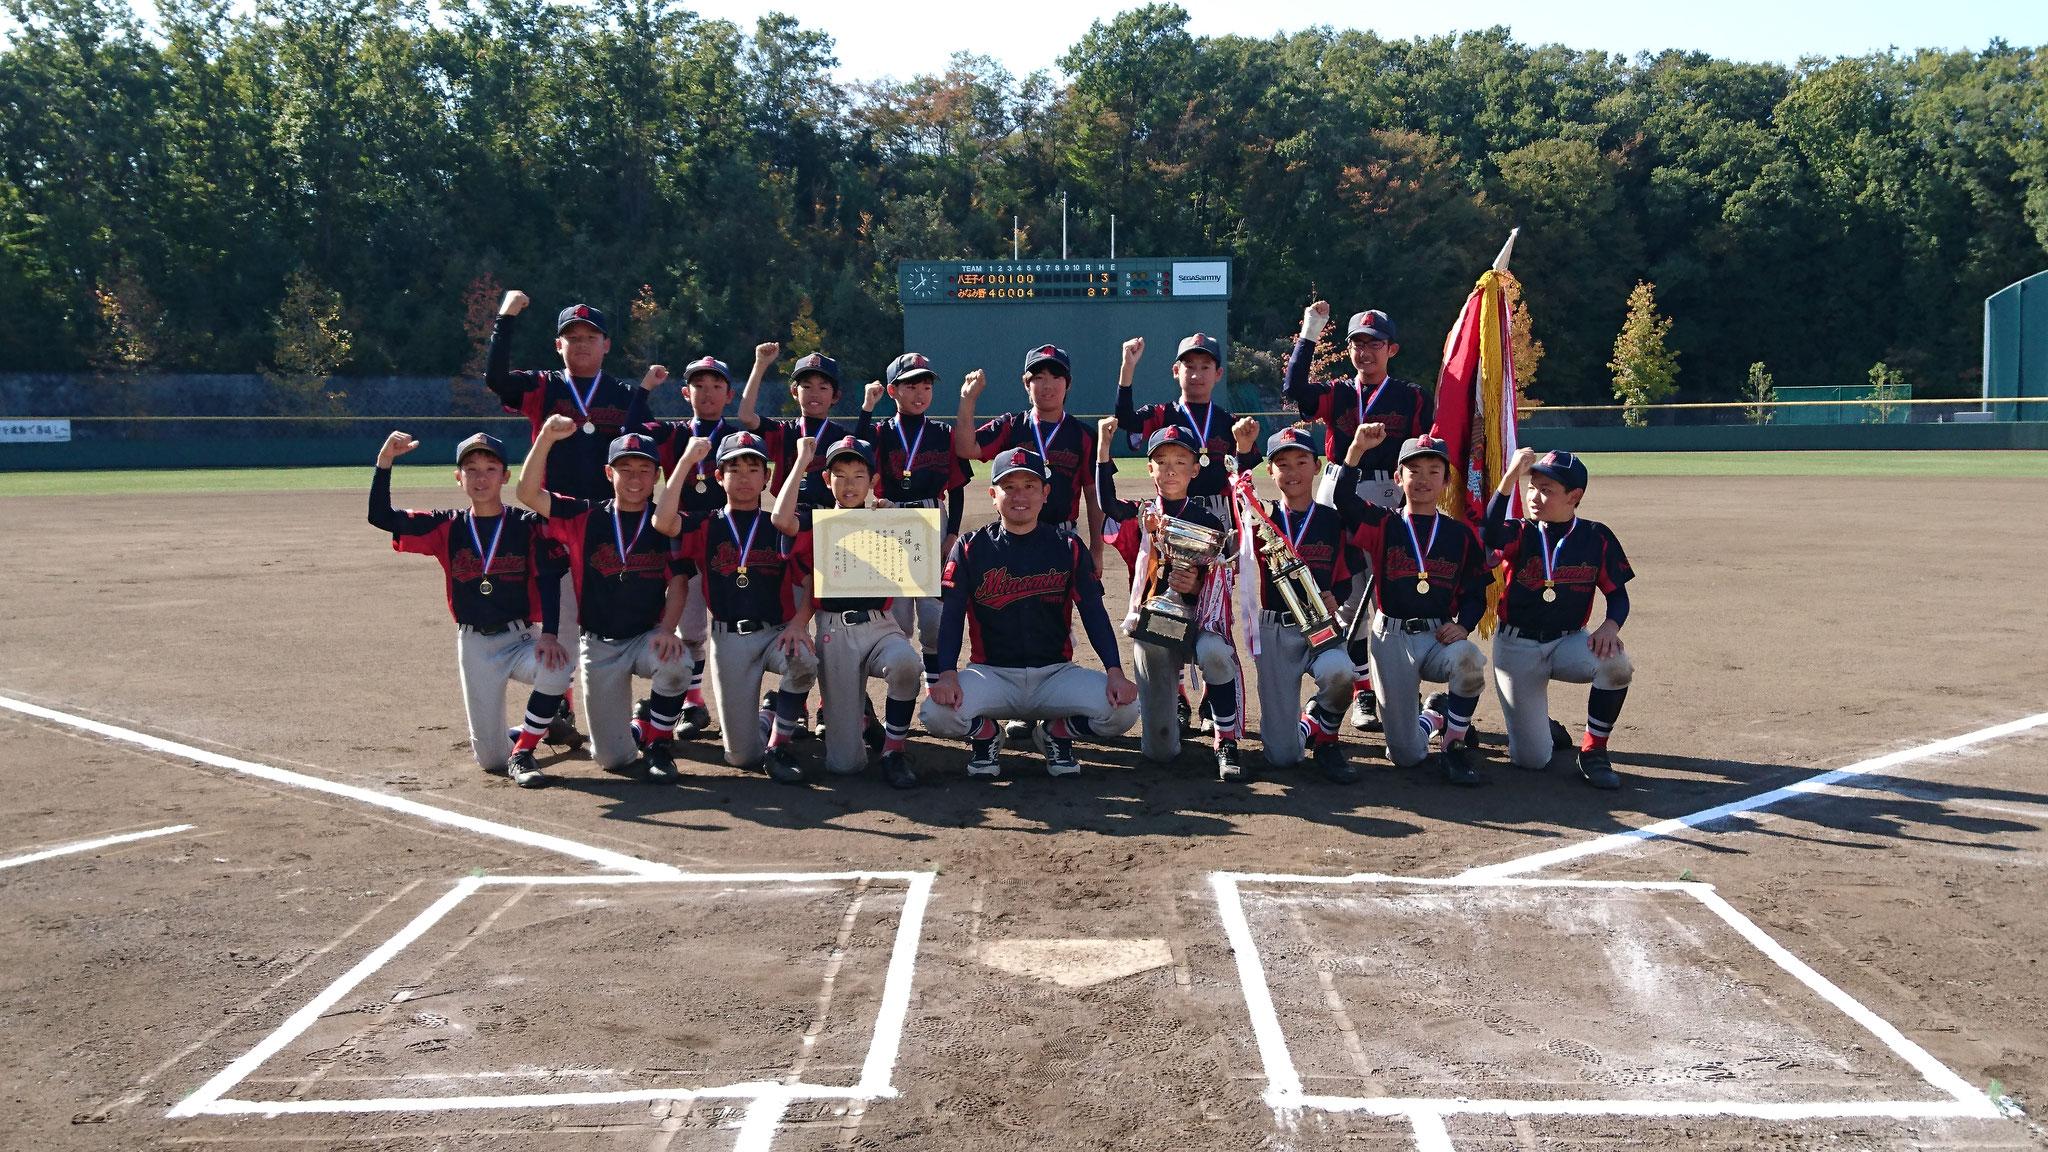 第33回 八王子市少年軟式野球 選手権大会 優勝 みなみ野ファイターズ 令和元年11月10日